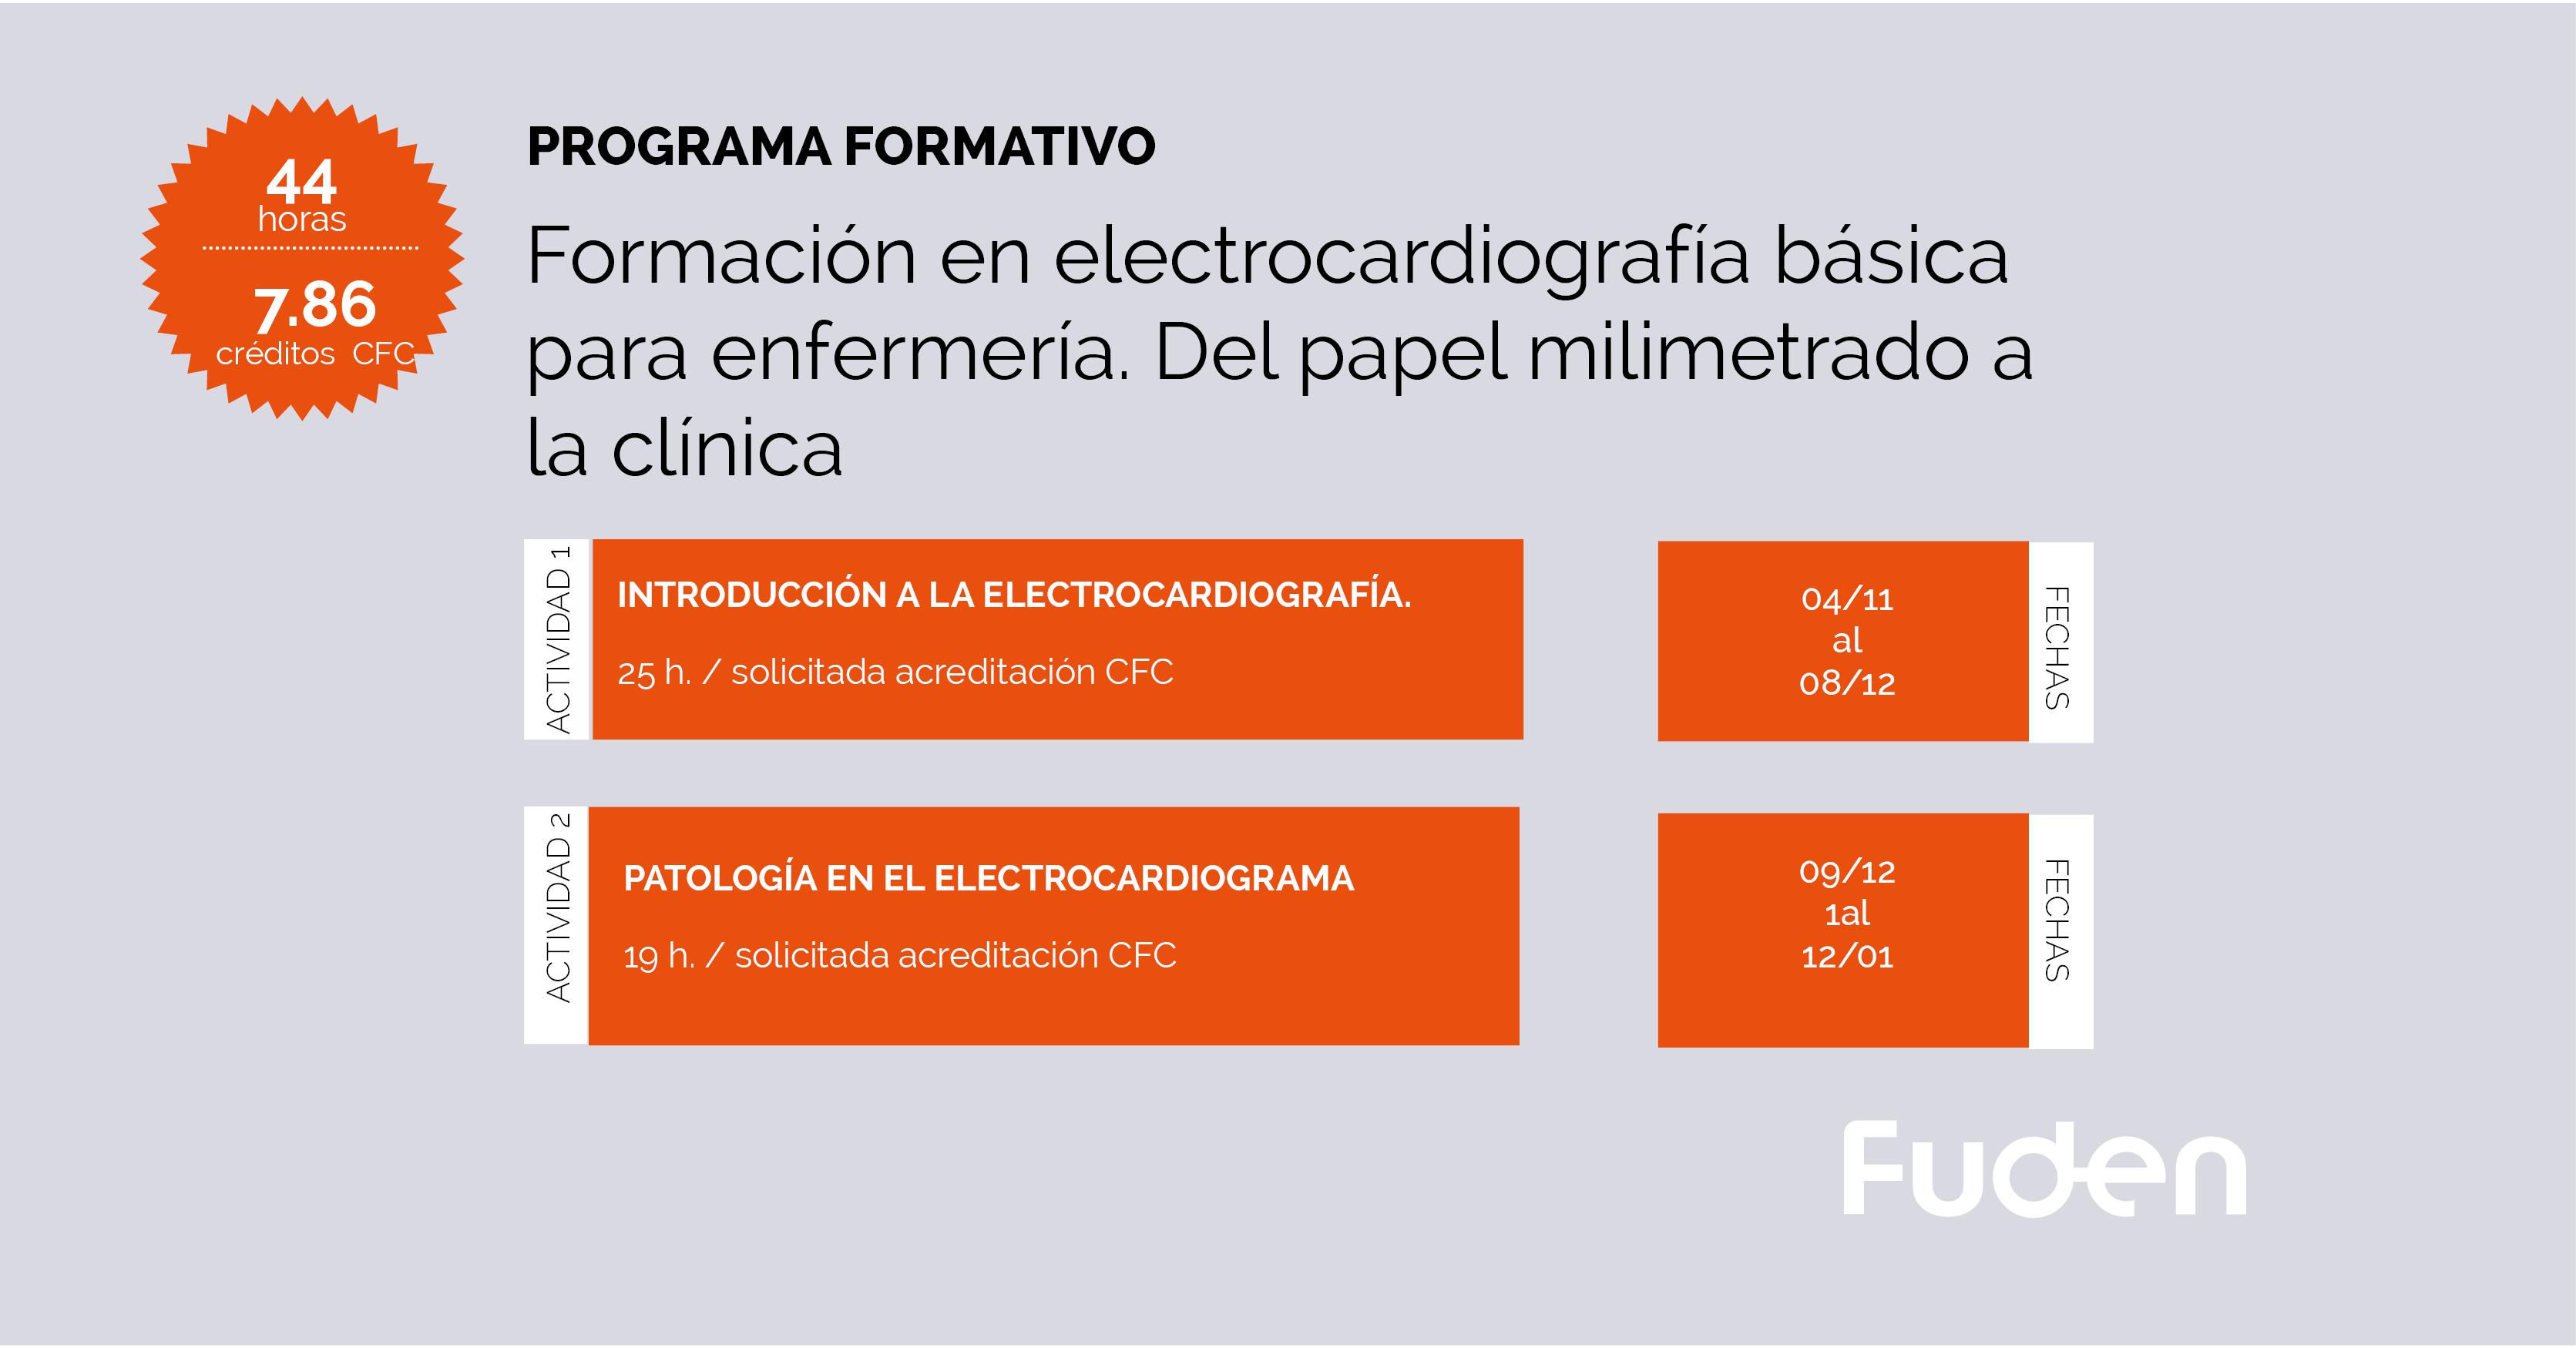 19/20 Programa ACSA. Formación en electrocardiografía para enfermería. Del papel milimetrado a la clínica